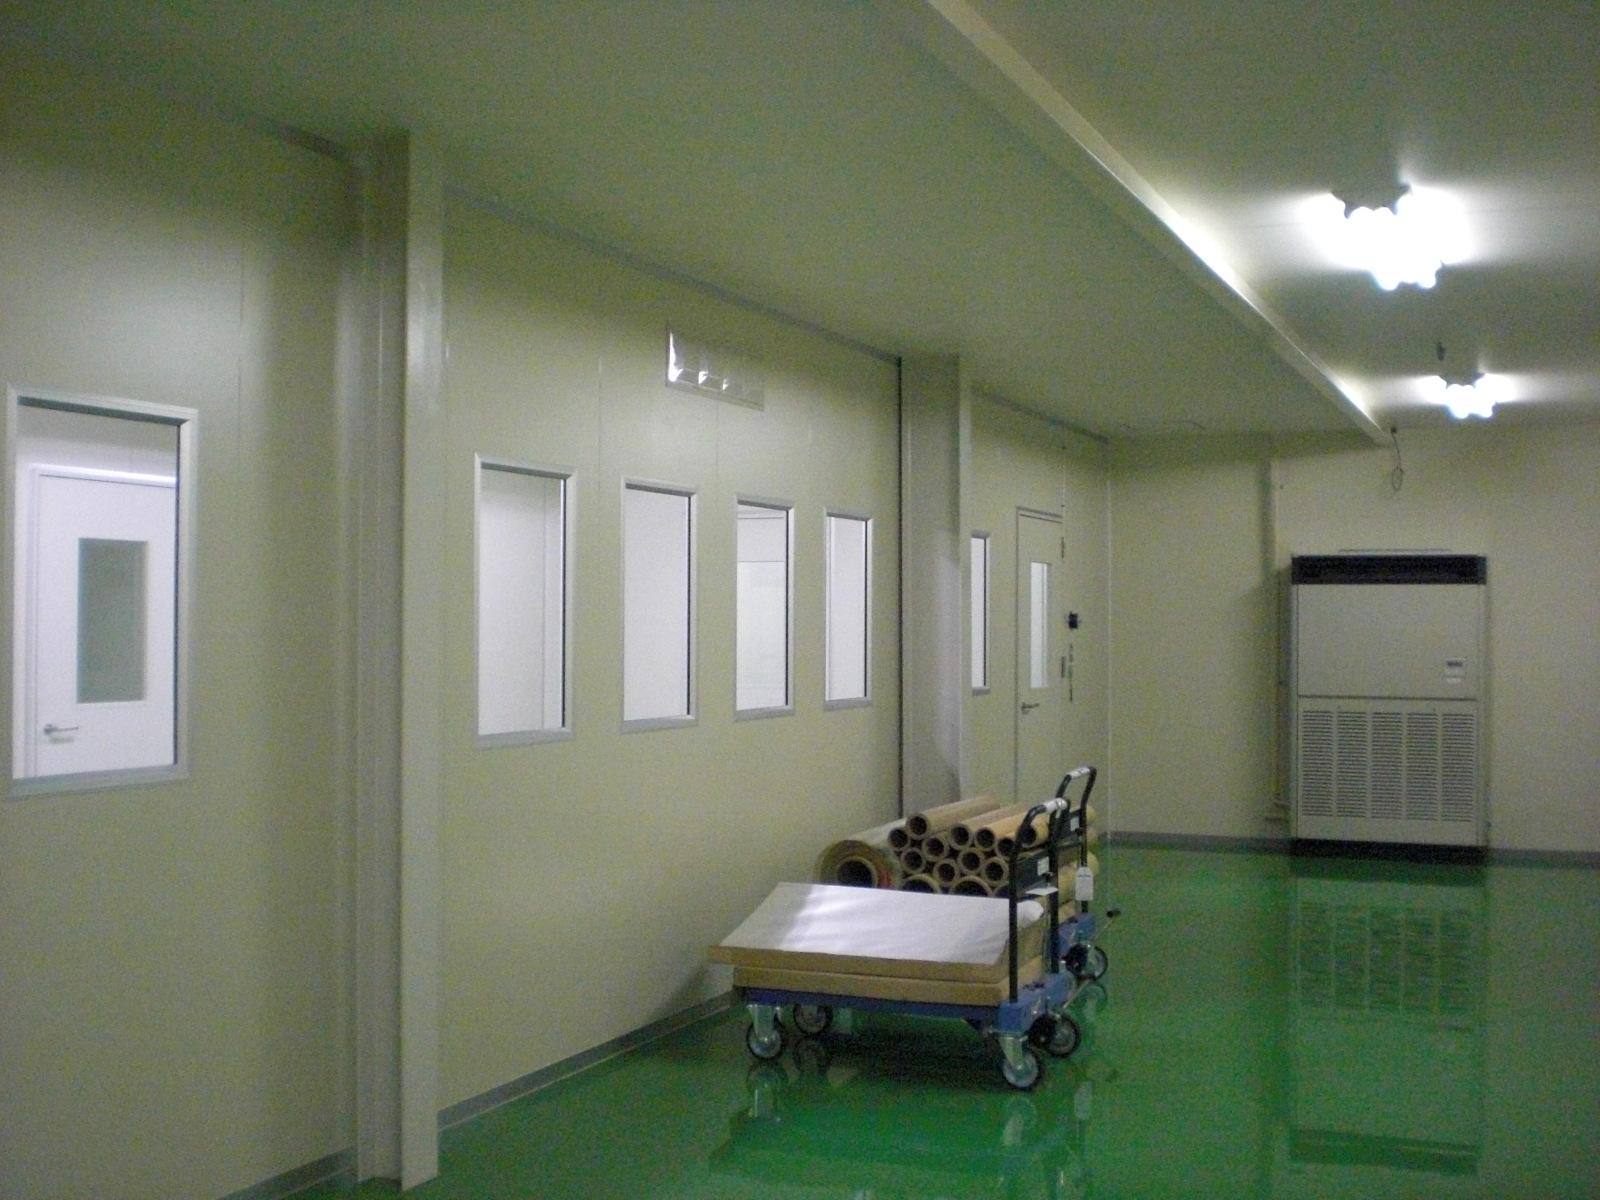 大同化工株式会社様 クリーンルーム設置工事